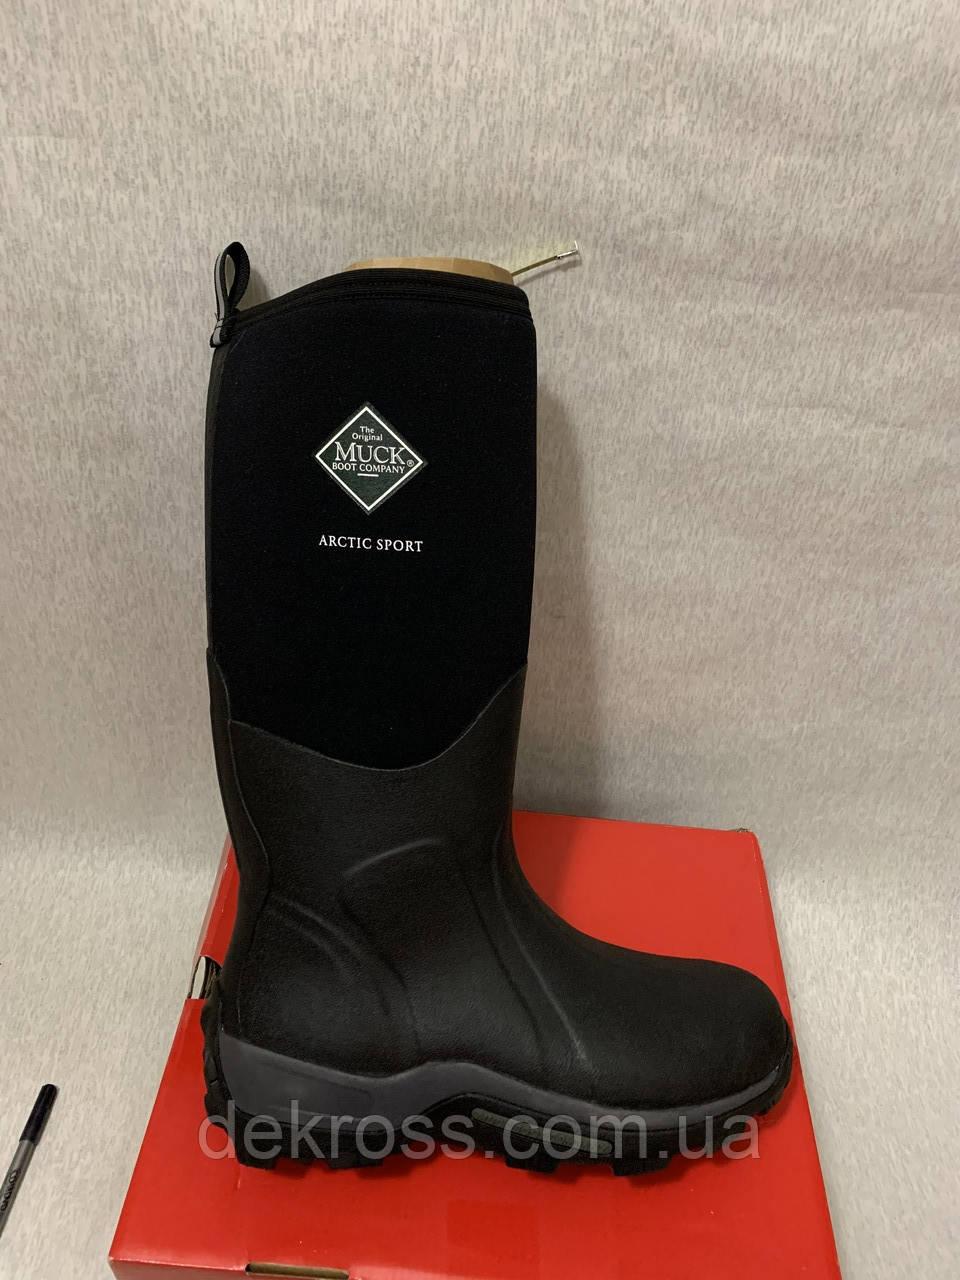 Сапоги Muck boot company Arctic Sport (44.5) Оригинал 01018